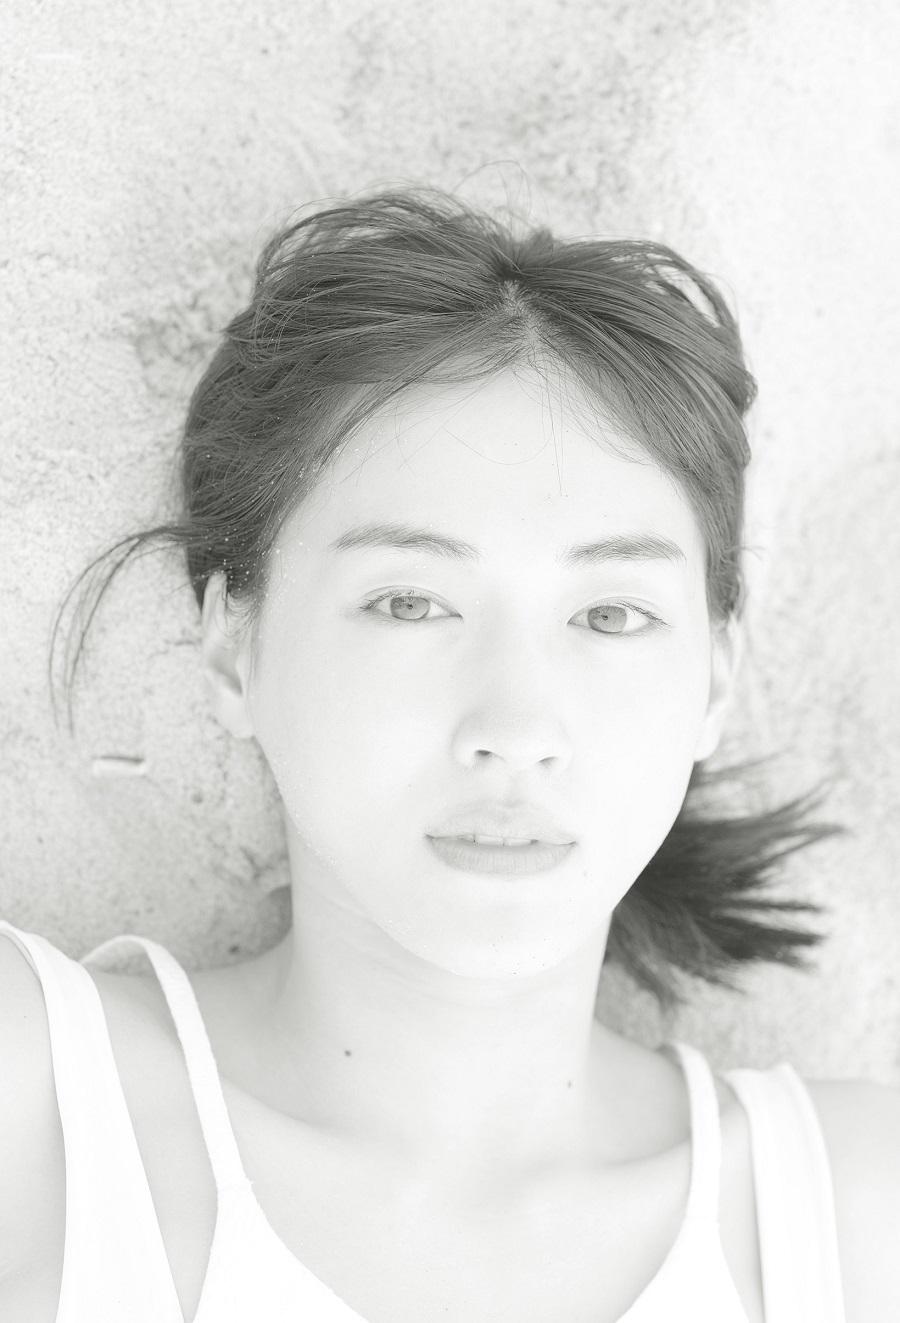 写真は、砂浜に寝転ぶ綾瀬さん(撮影は、新津保建秀さん)(提供:講談社)